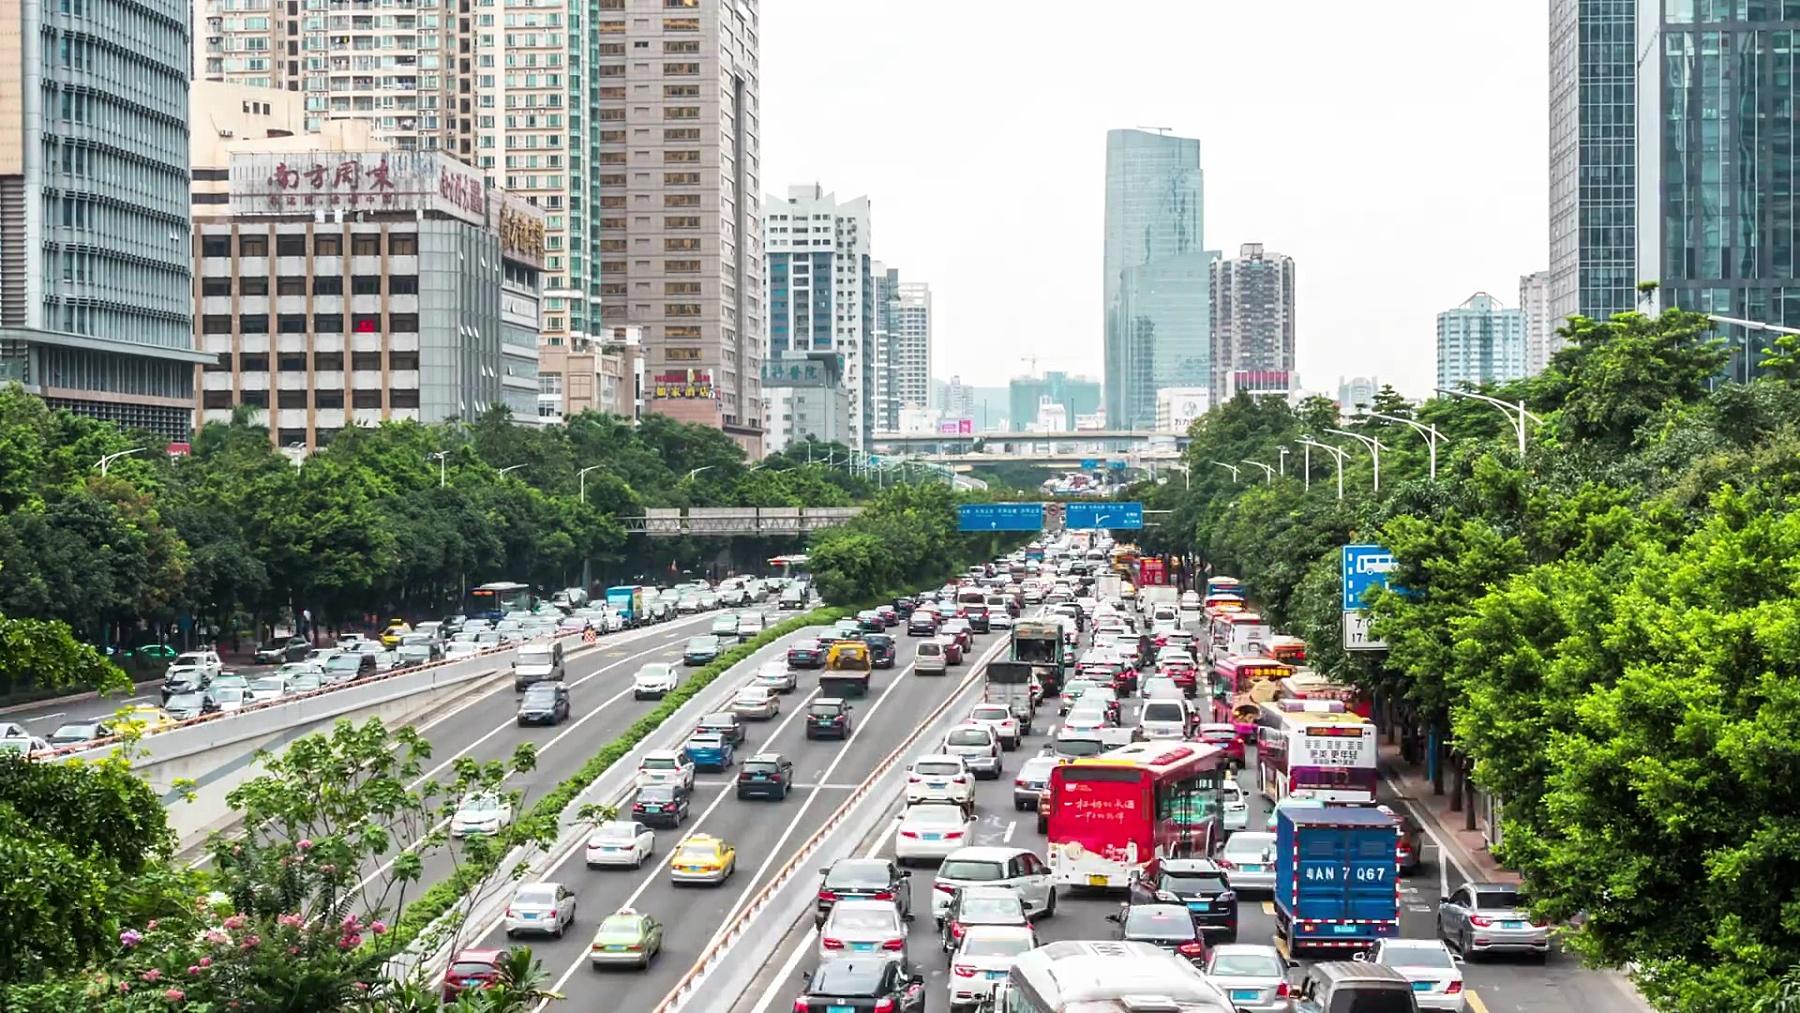 广州市中心繁忙的道路。时间间隔